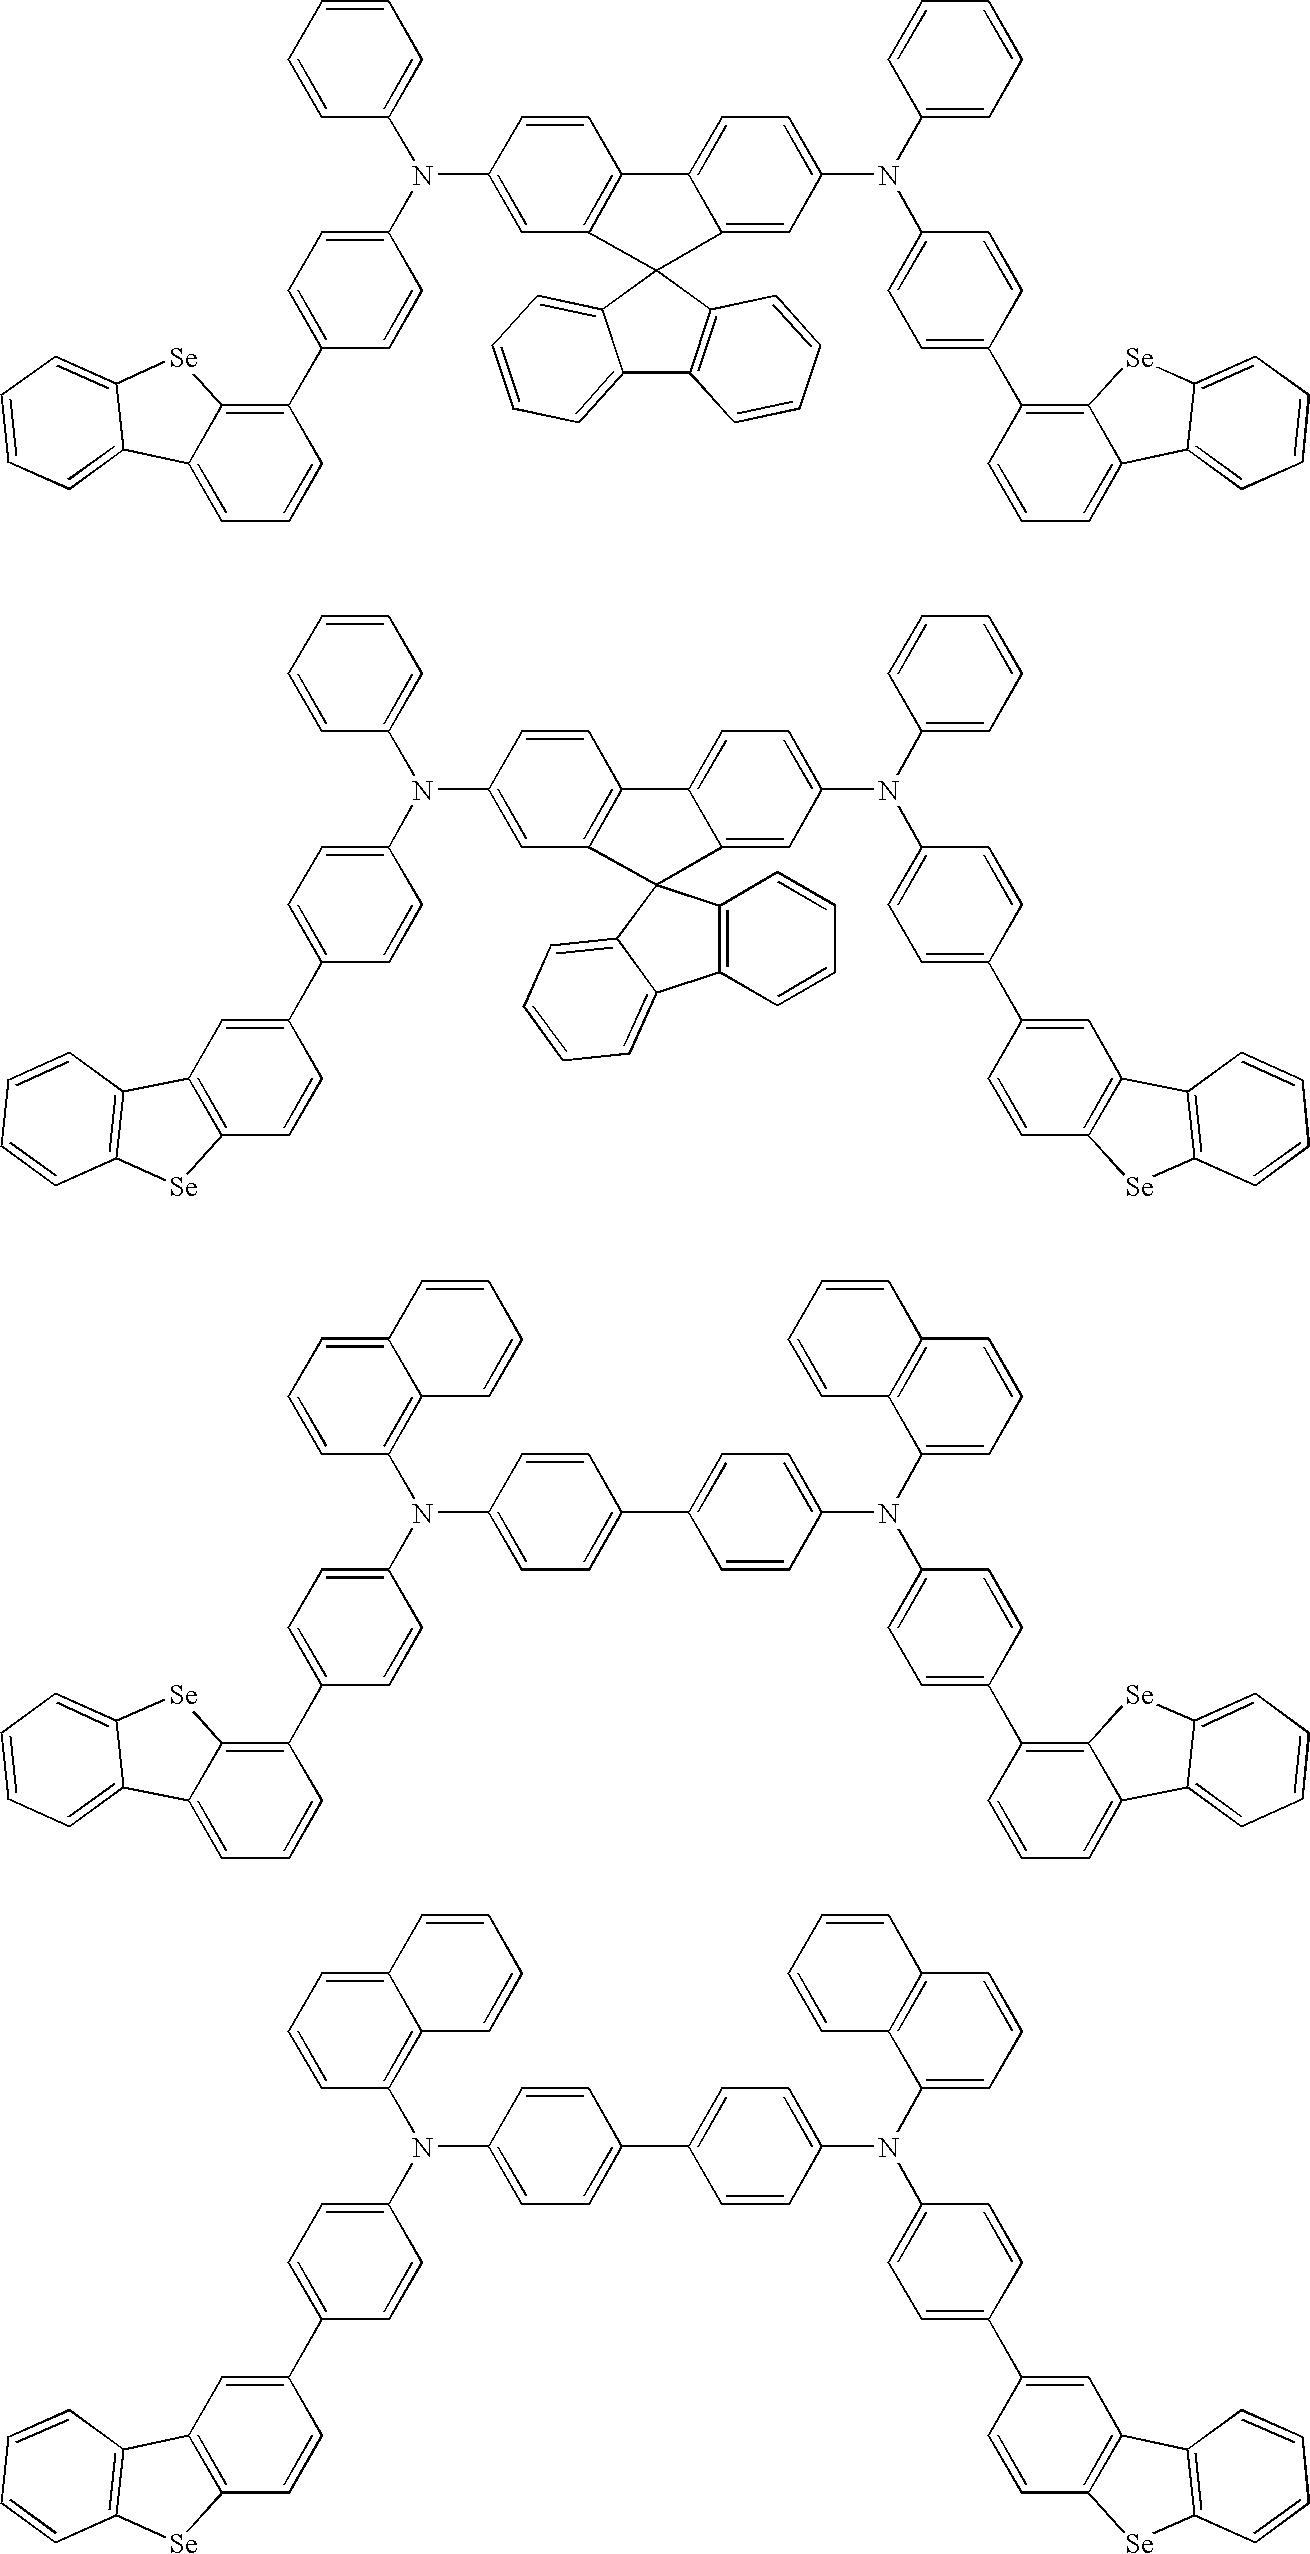 Figure US20100072887A1-20100325-C00242